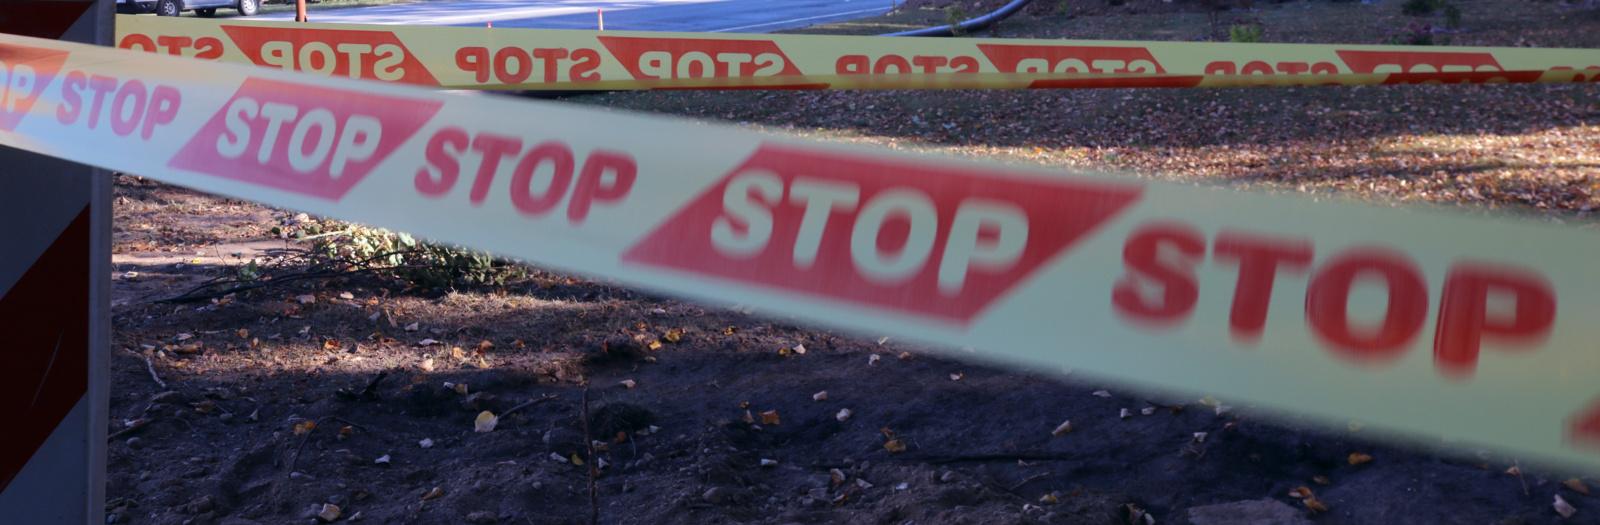 Vilniuje į policijos komisariatą atneštas sprogmuo, darbuotojai evakuoti